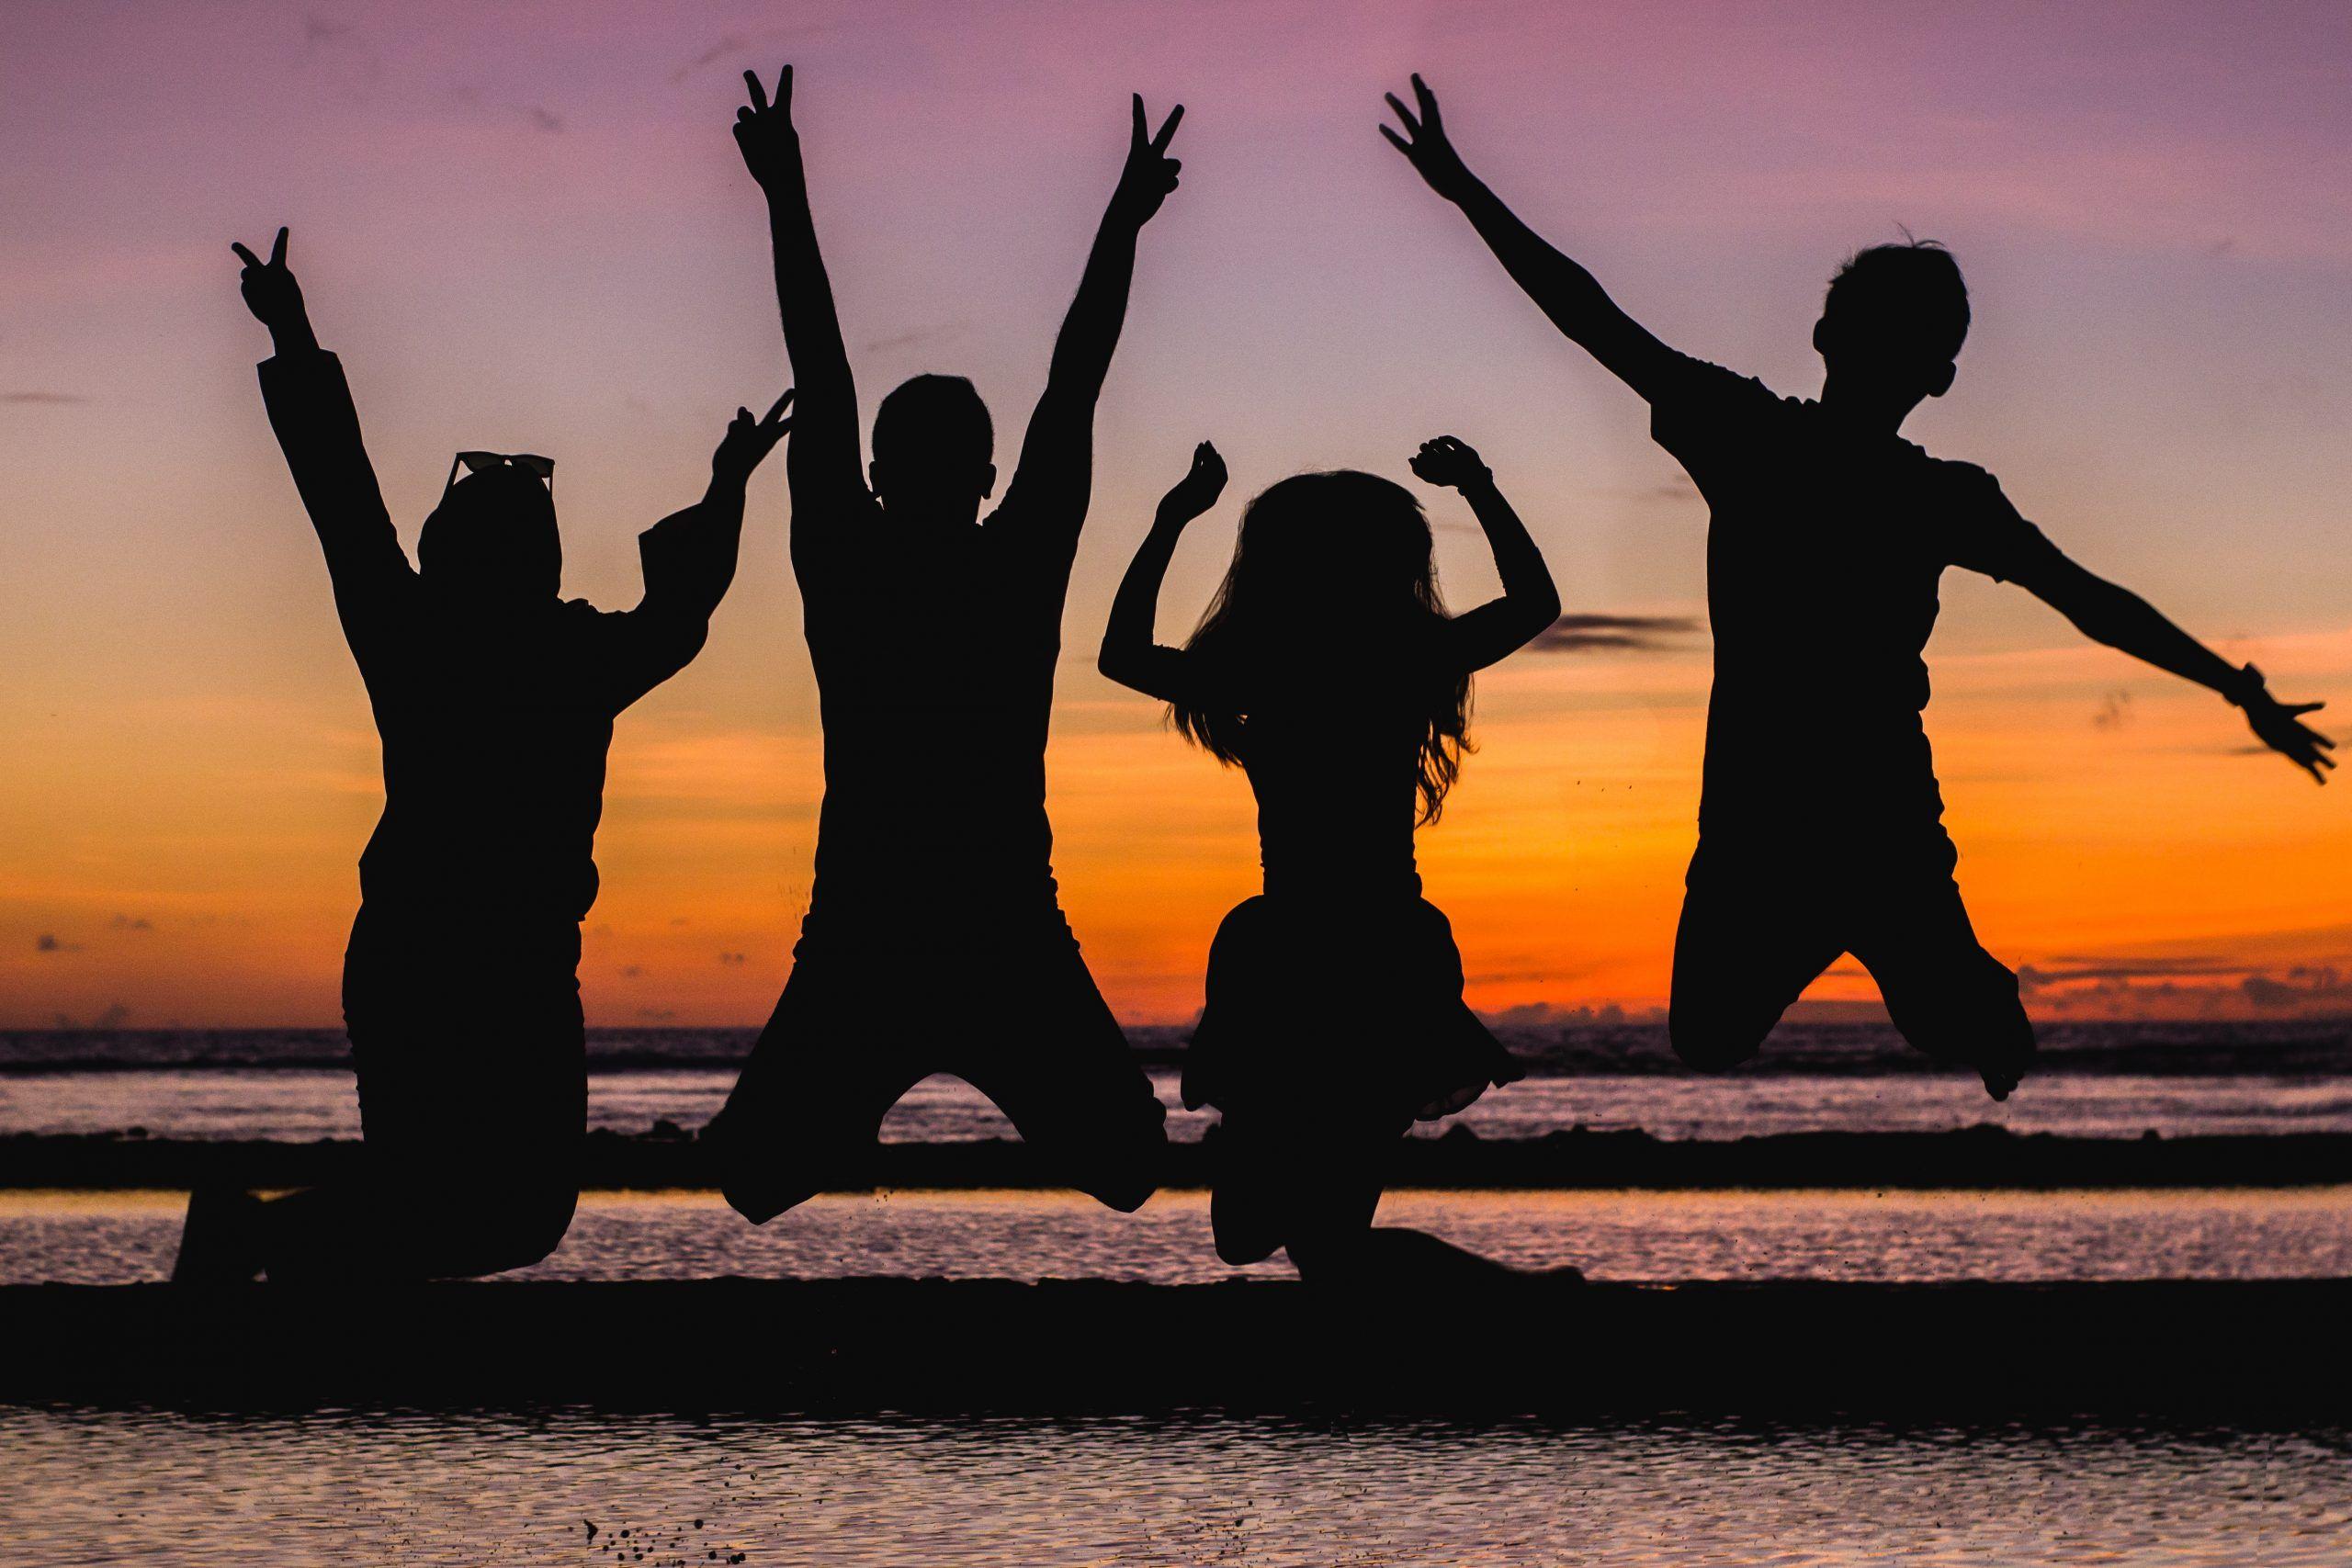 Consejos para empezar el semestre: diversión con amigos